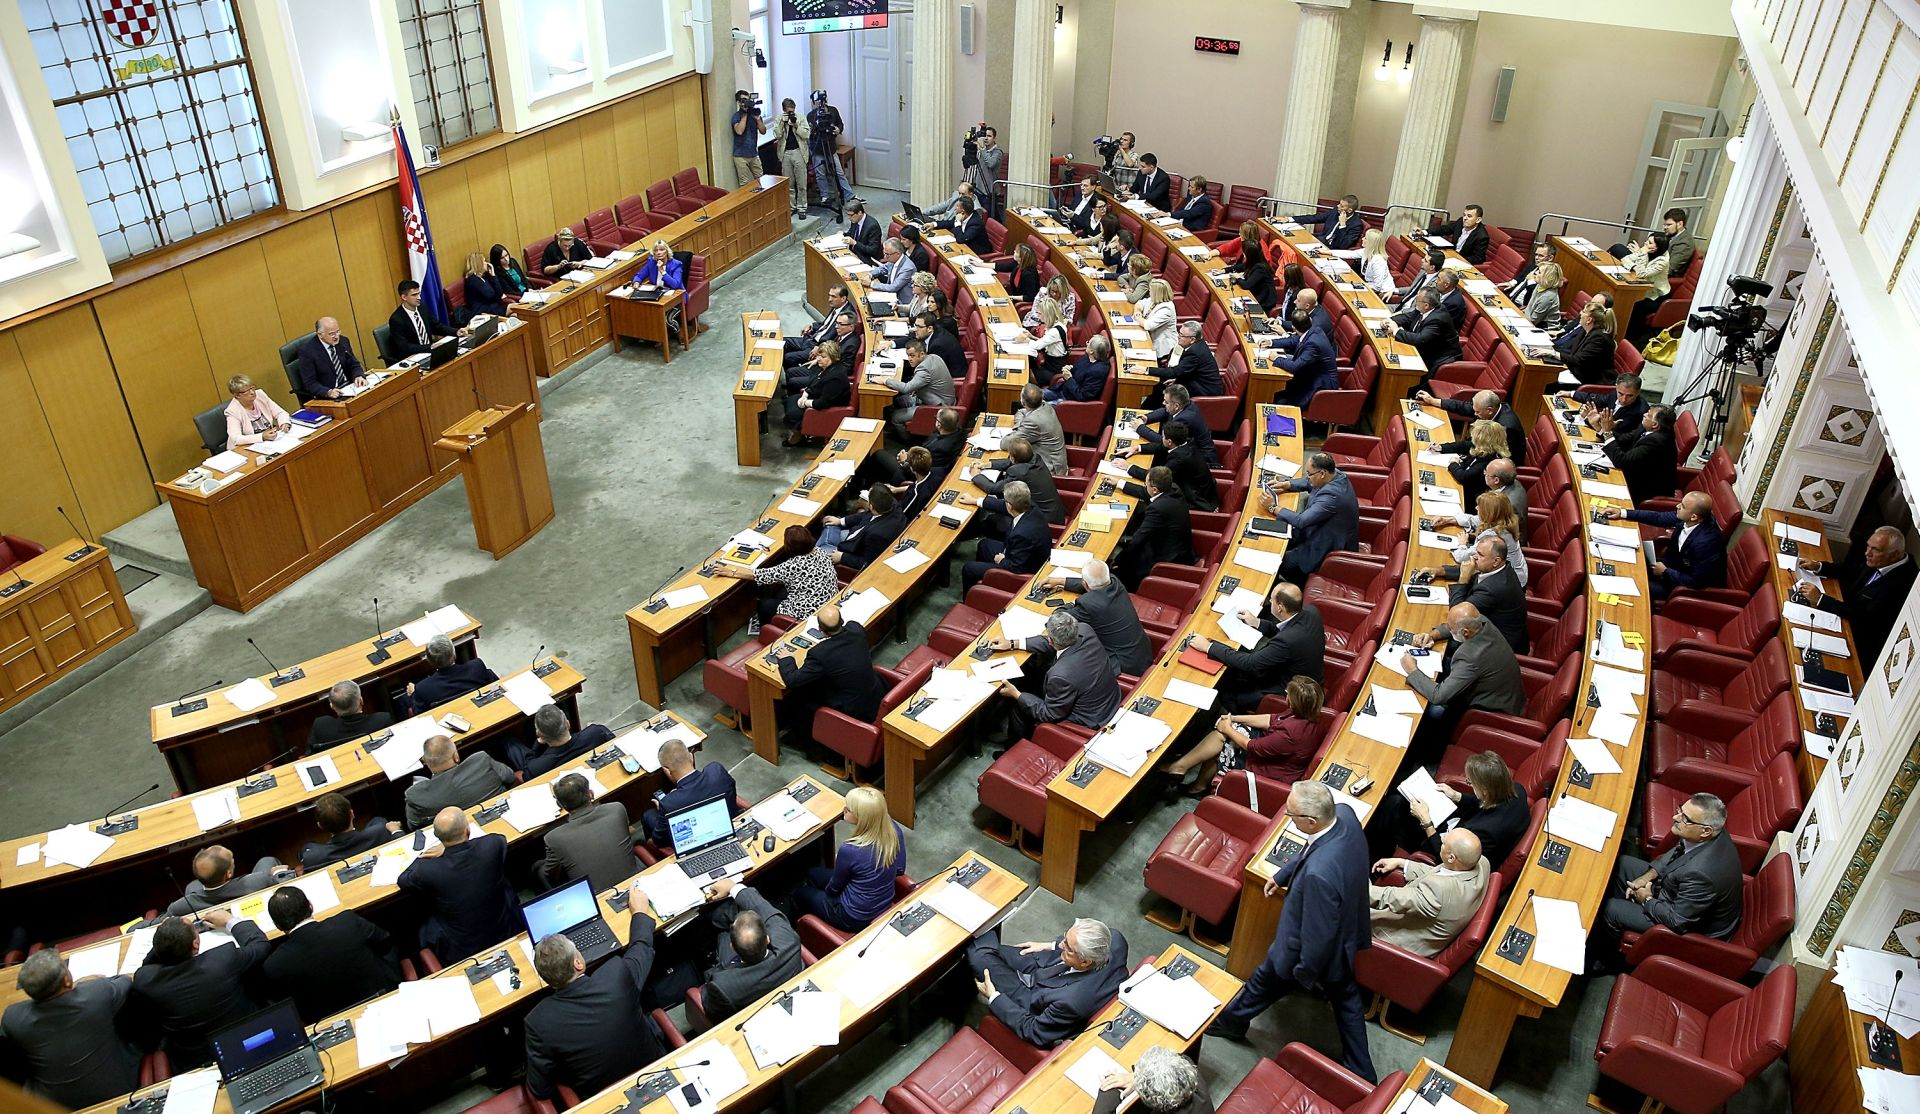 DO SRIJEDE: Zastupnici na nespojivim dužnostima moraju staviti mandat u mirovanje